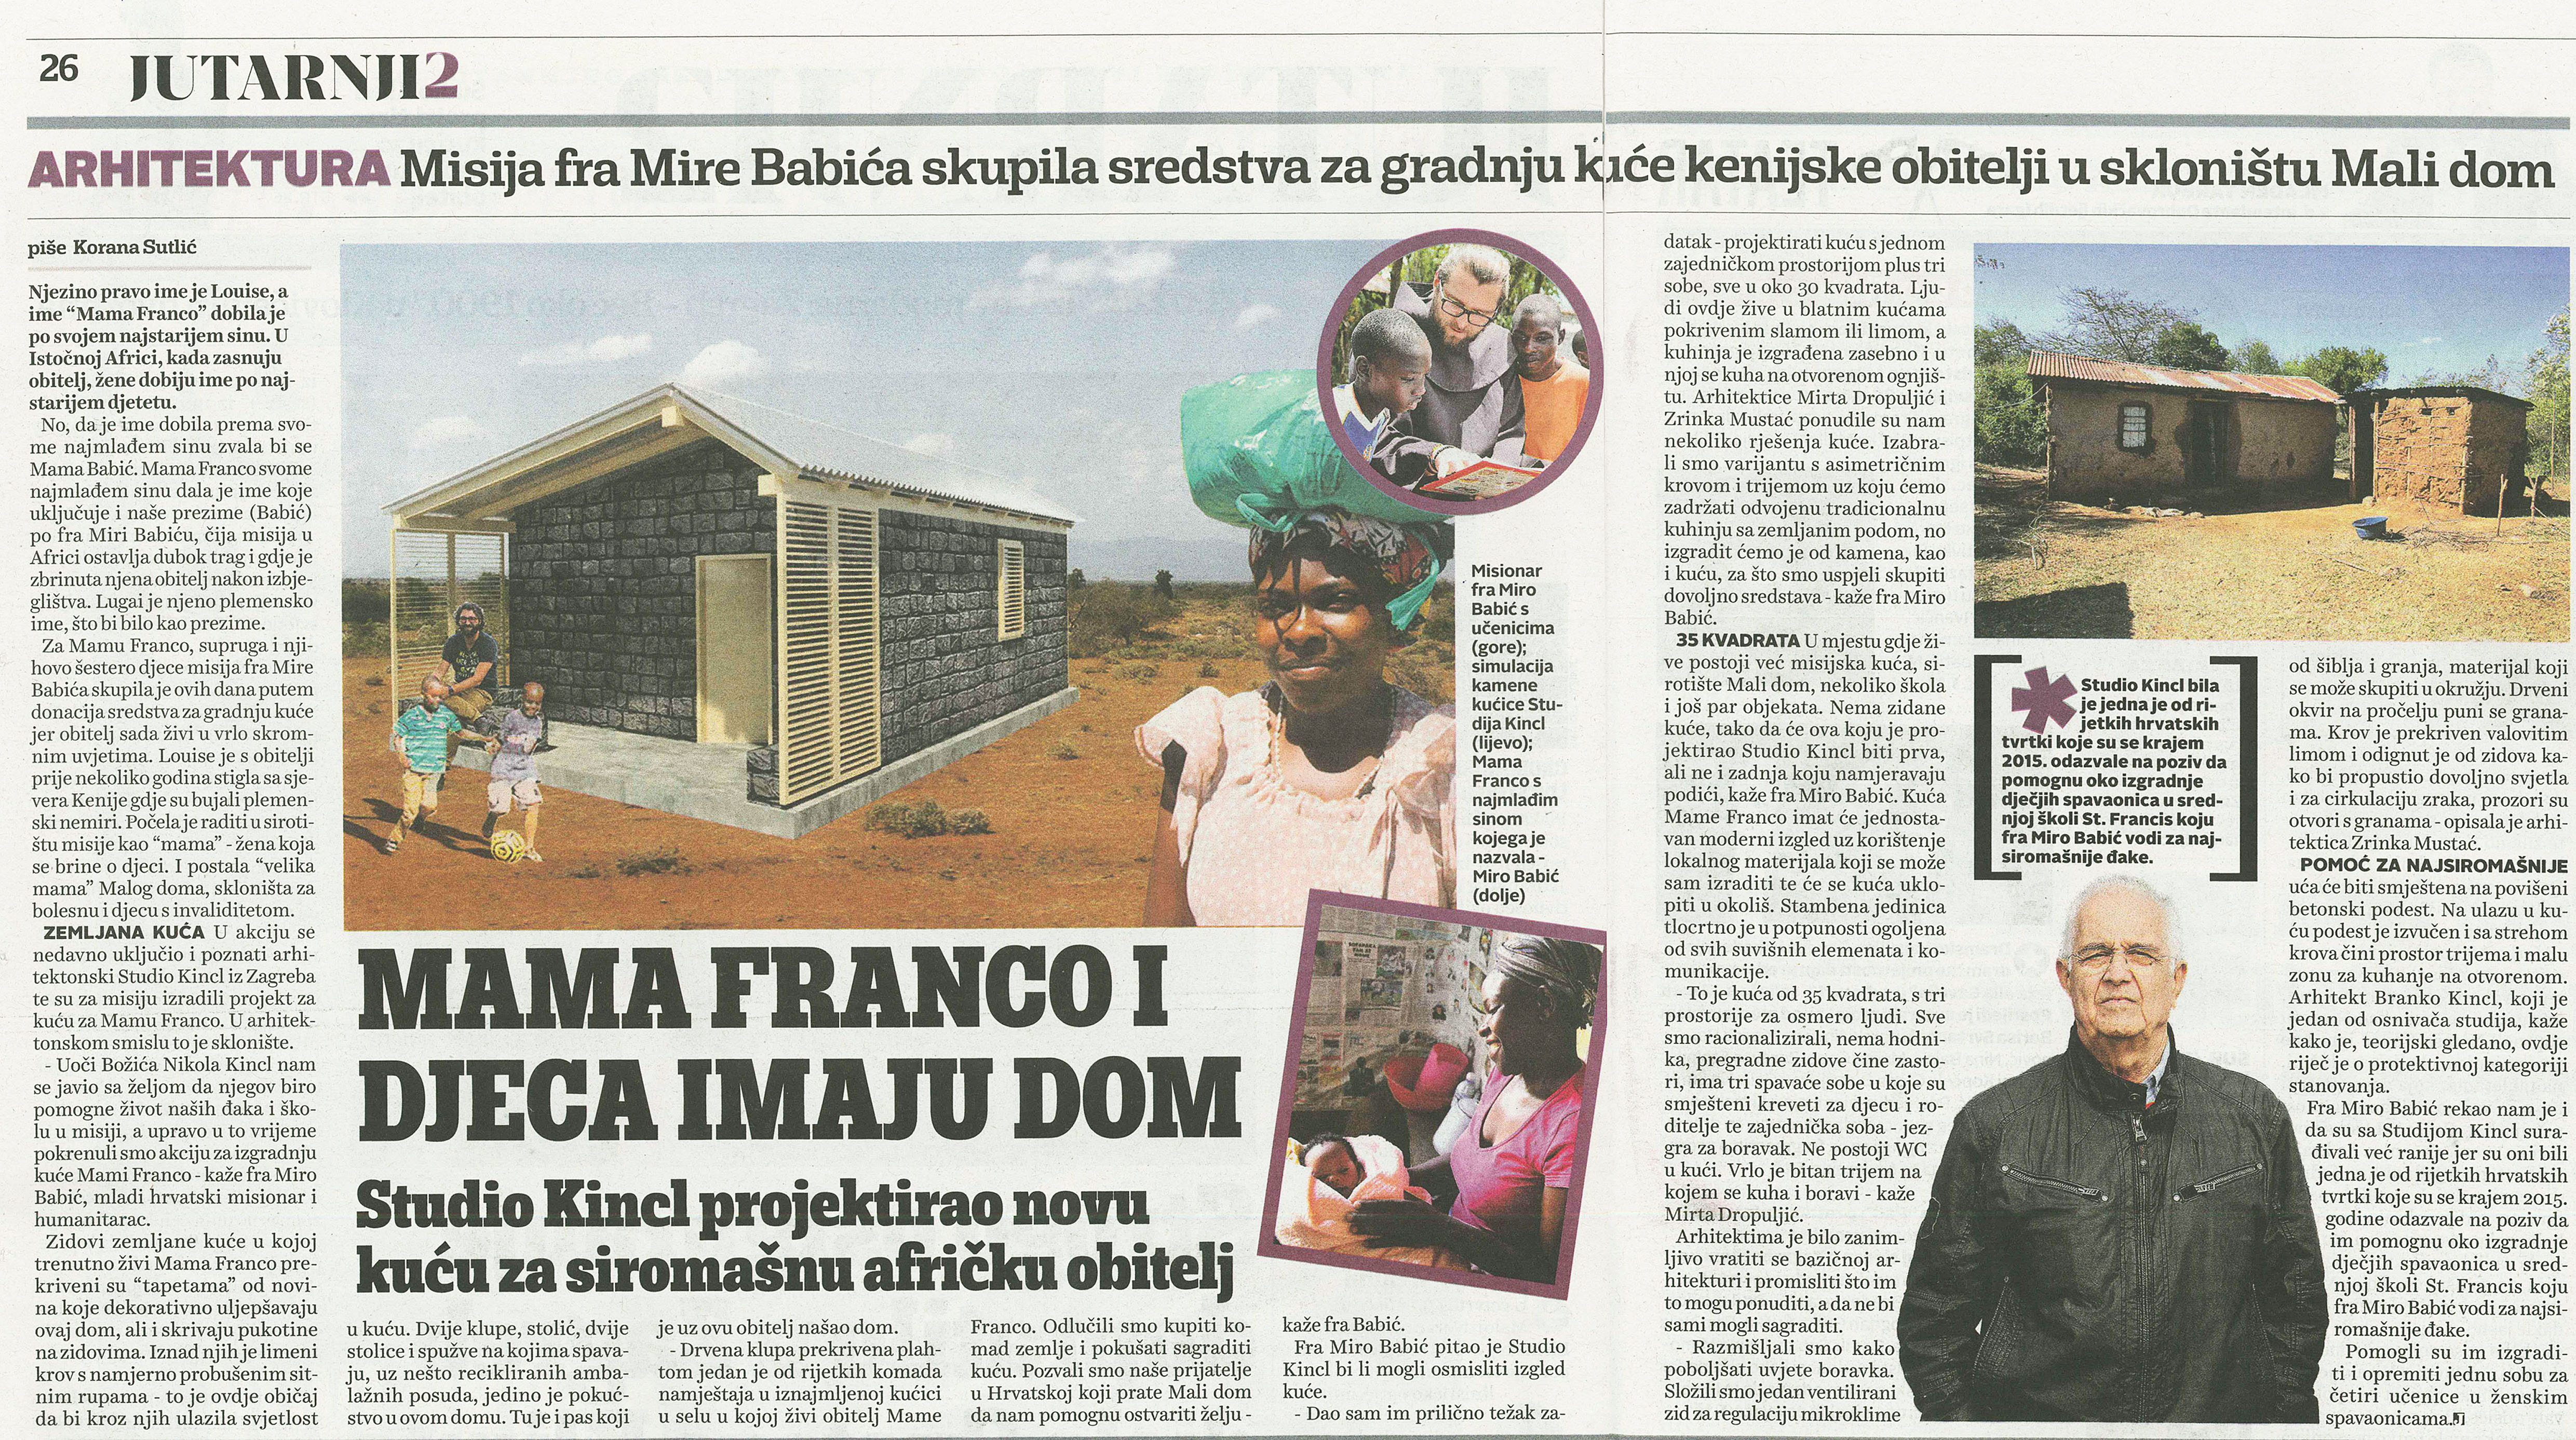 Objavljen članak O Mami Franco U Jutarnjem Listu